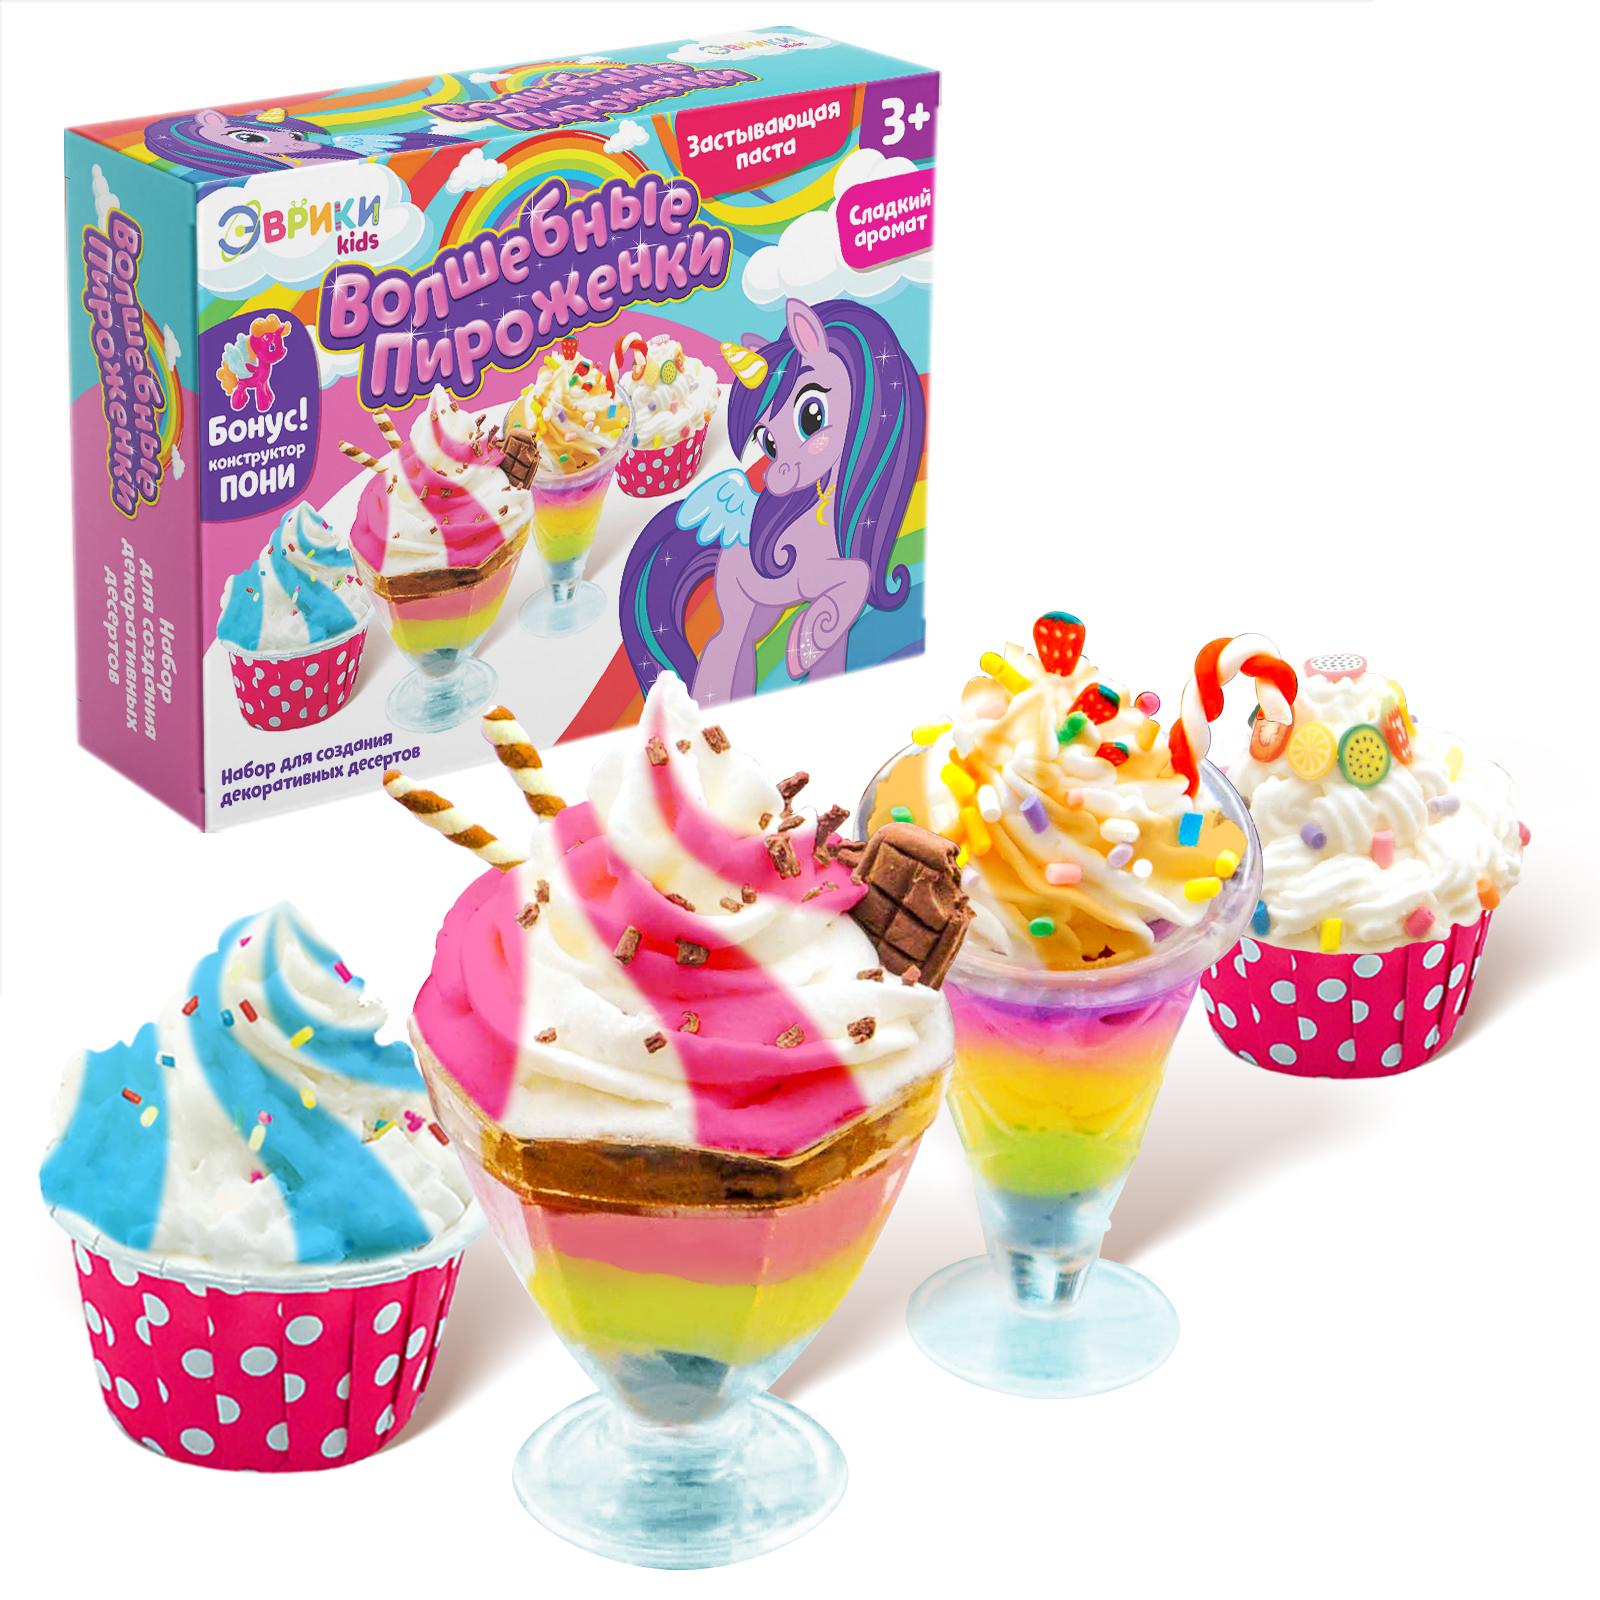 Набор для создания декоративных десертов «Волшебные пироженки»